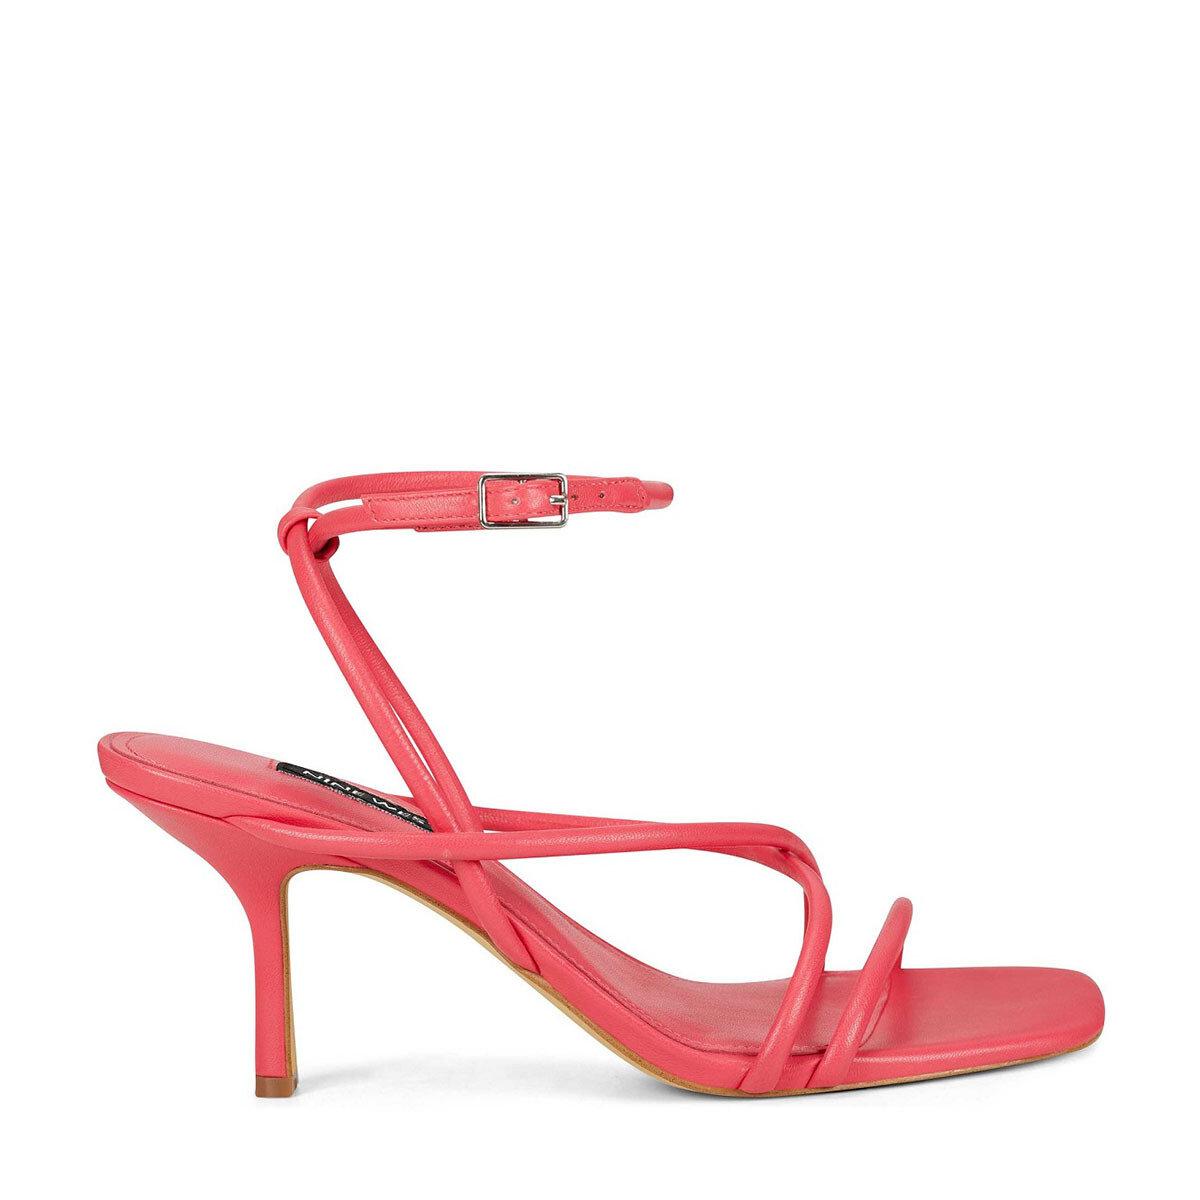 NOLAN3 Pembe Kadın Topuklu Sandalet